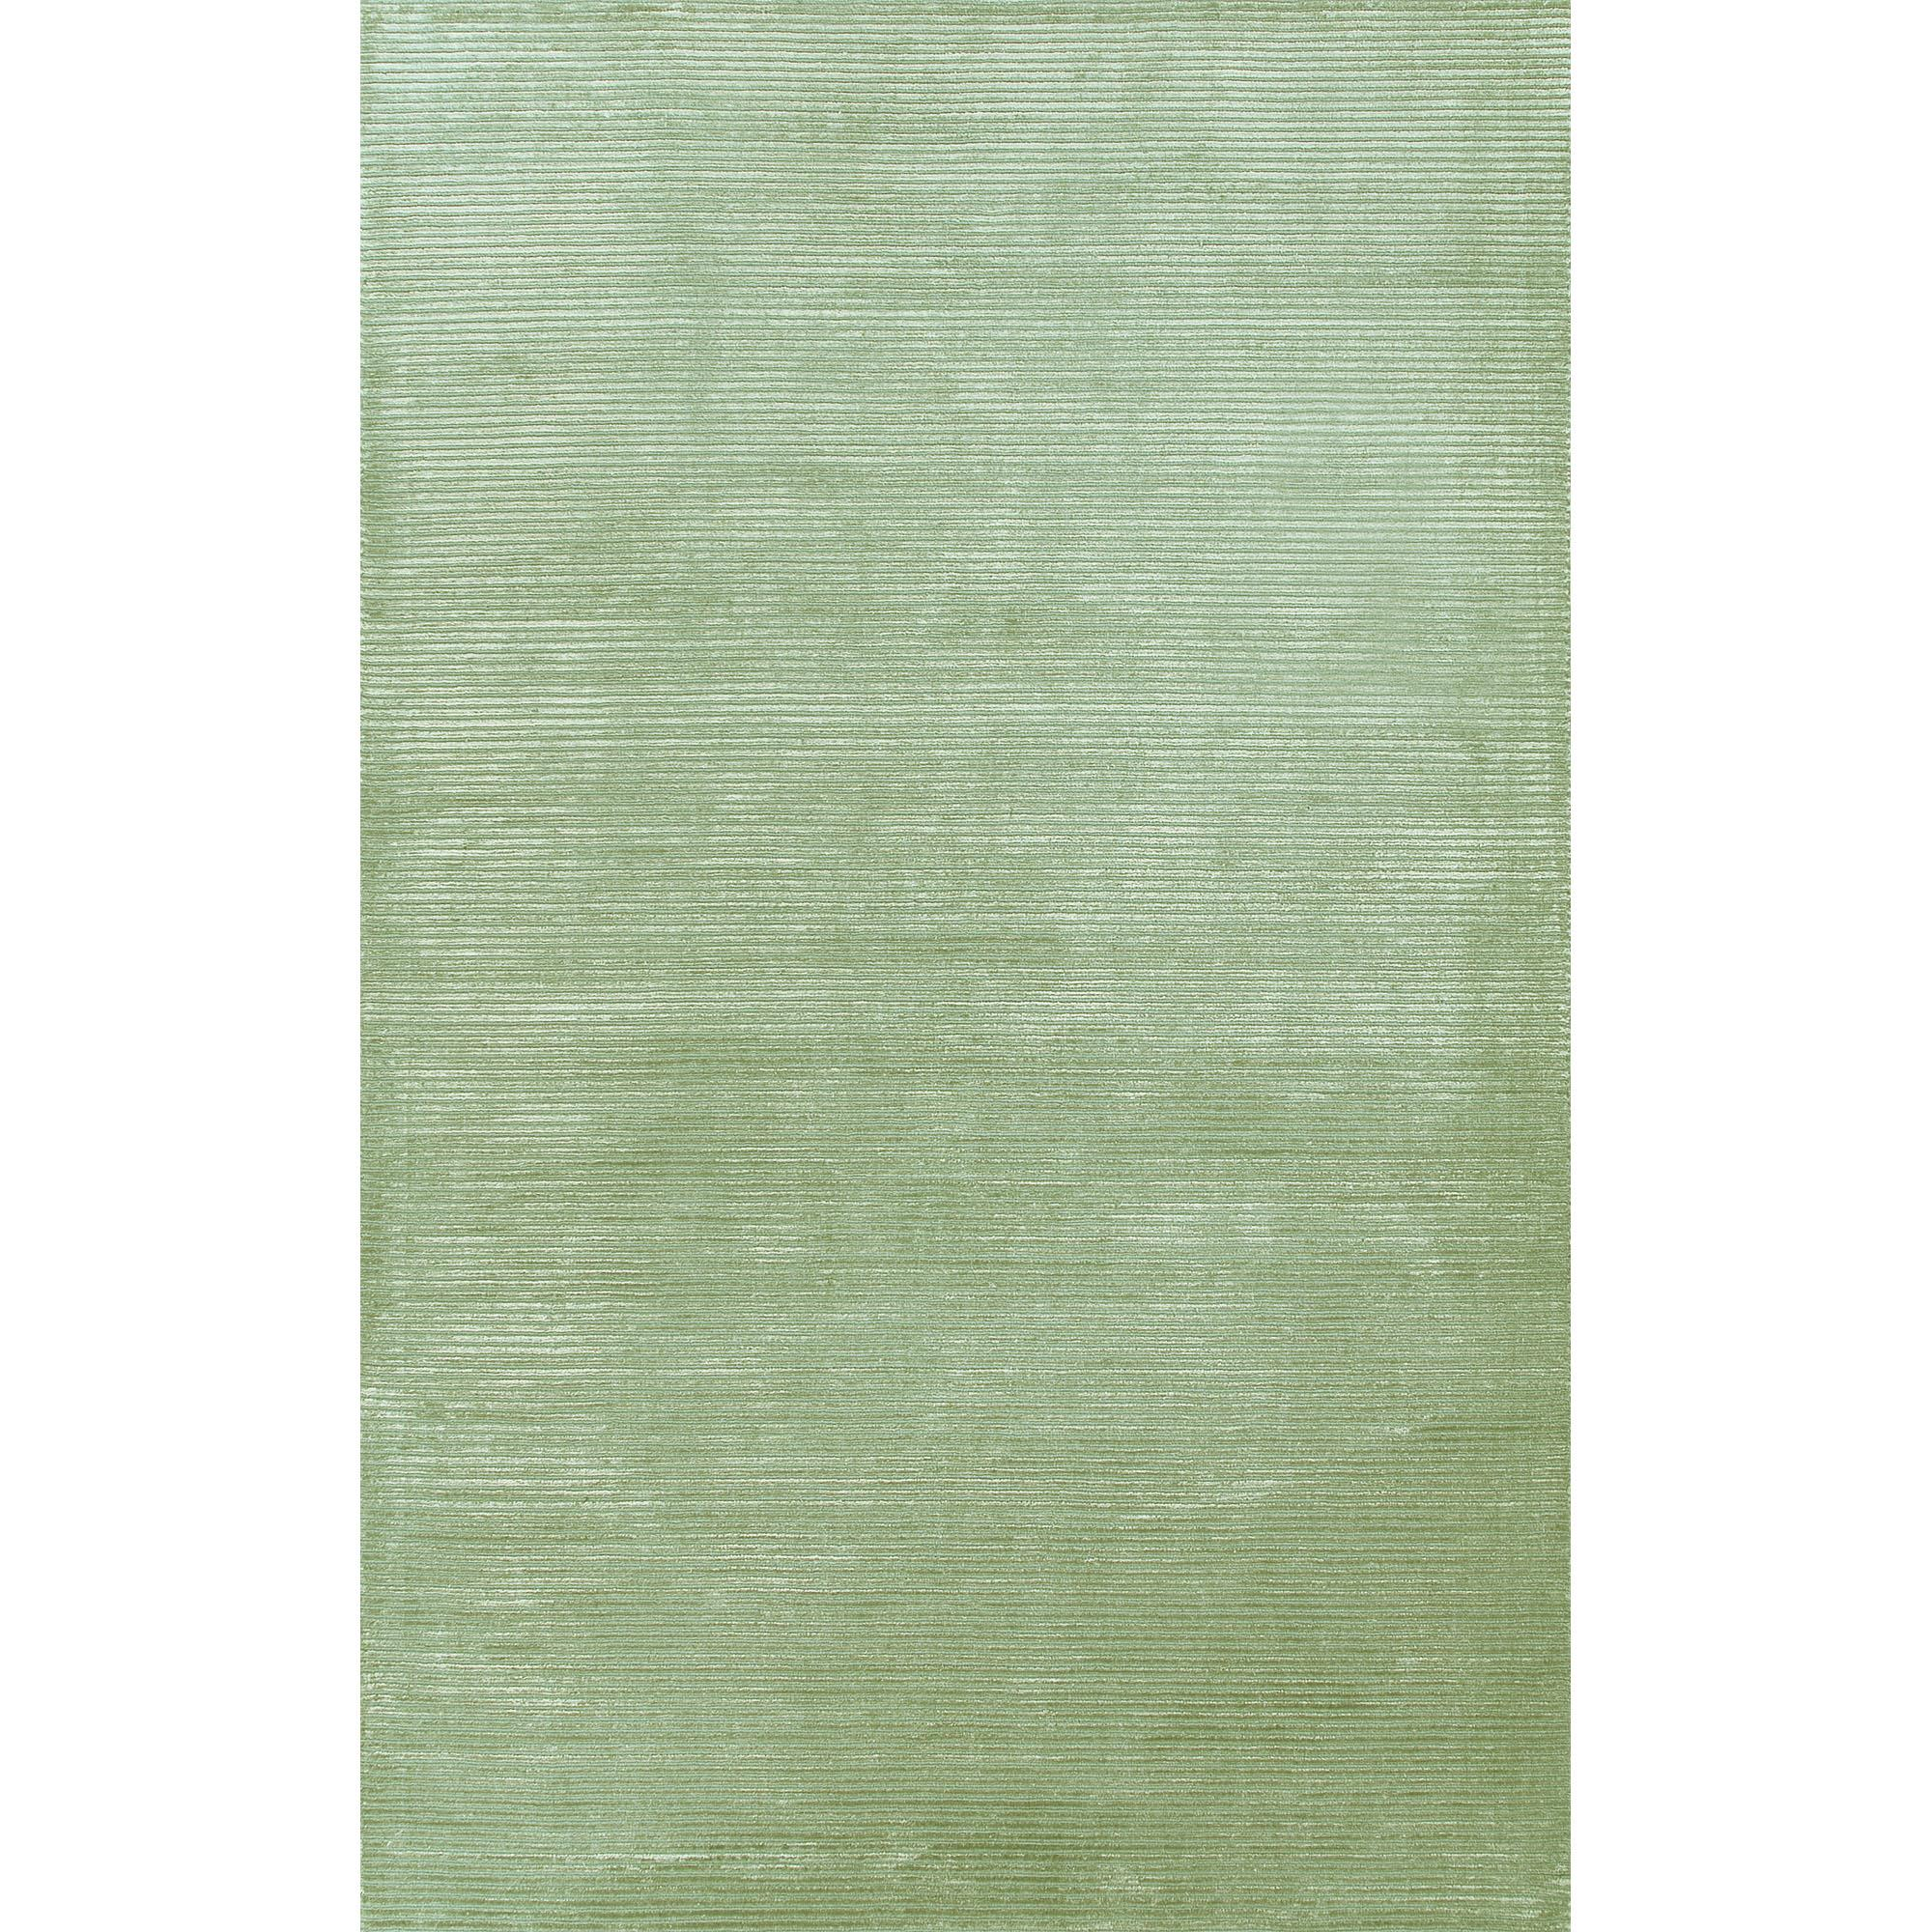 JAIPUR Rugs Basis 10 x 14 Rug - Item Number: RUG116121